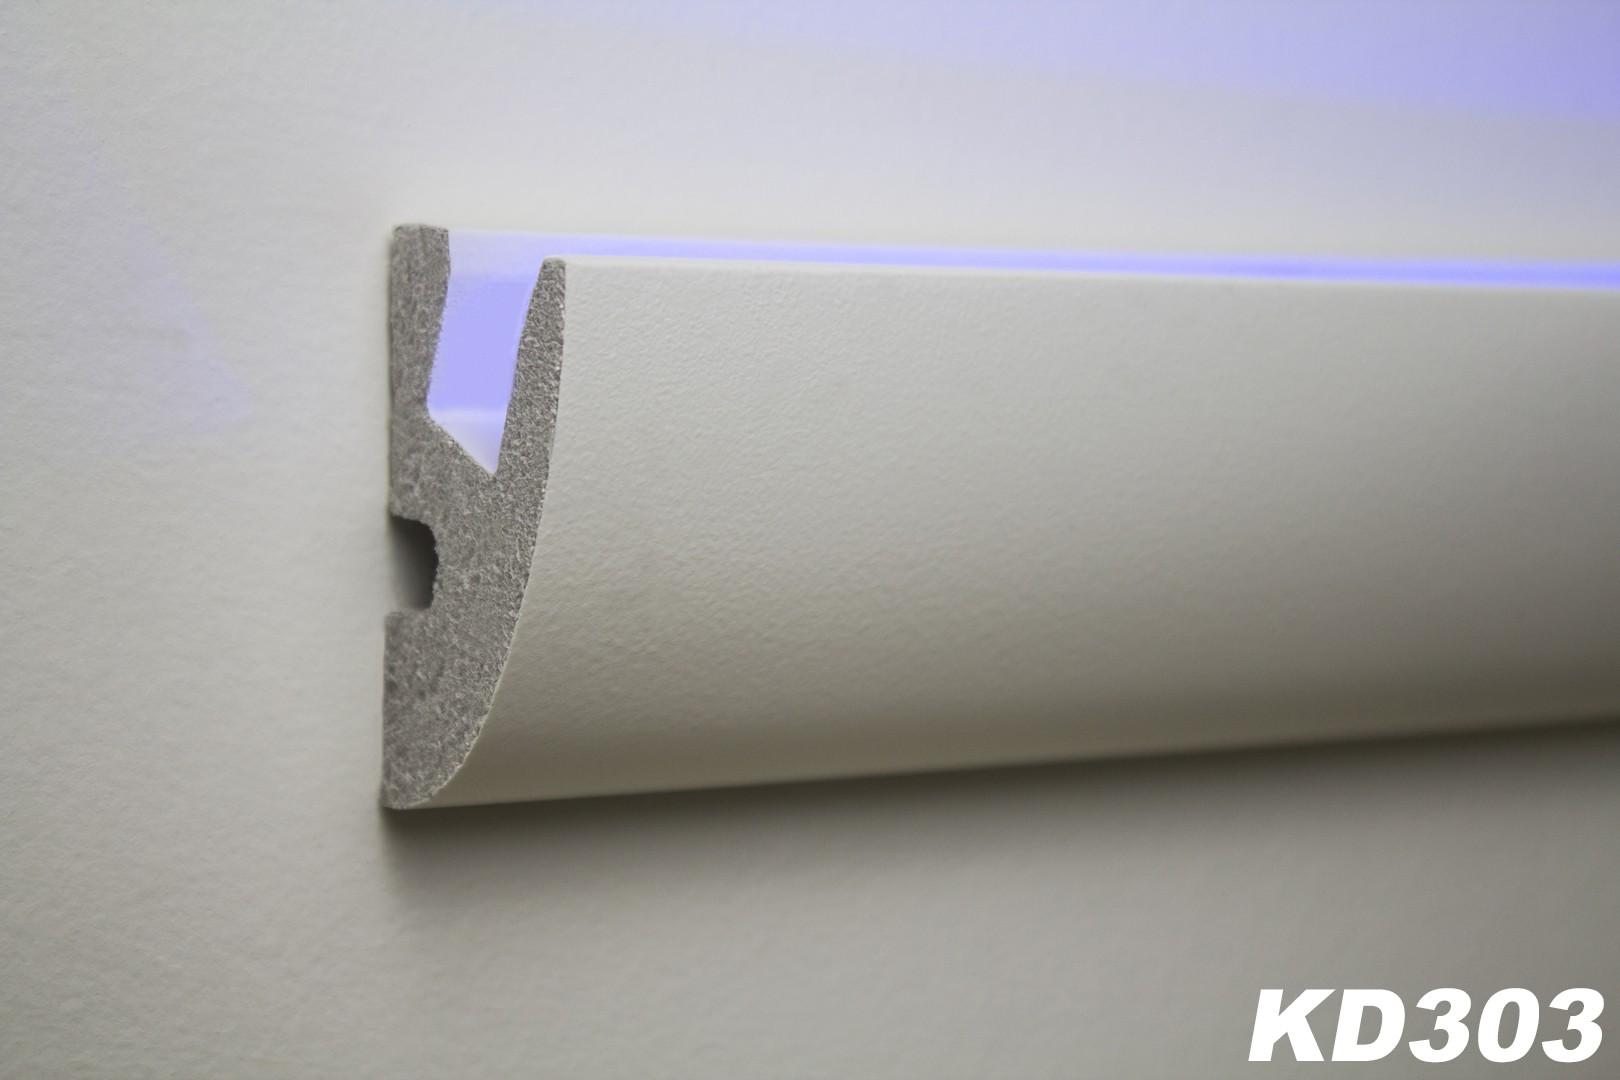 1 15 meter led stuckleiste f r indirekte beleuchtung xps 65x40 kd303 led rigipsprofile. Black Bedroom Furniture Sets. Home Design Ideas